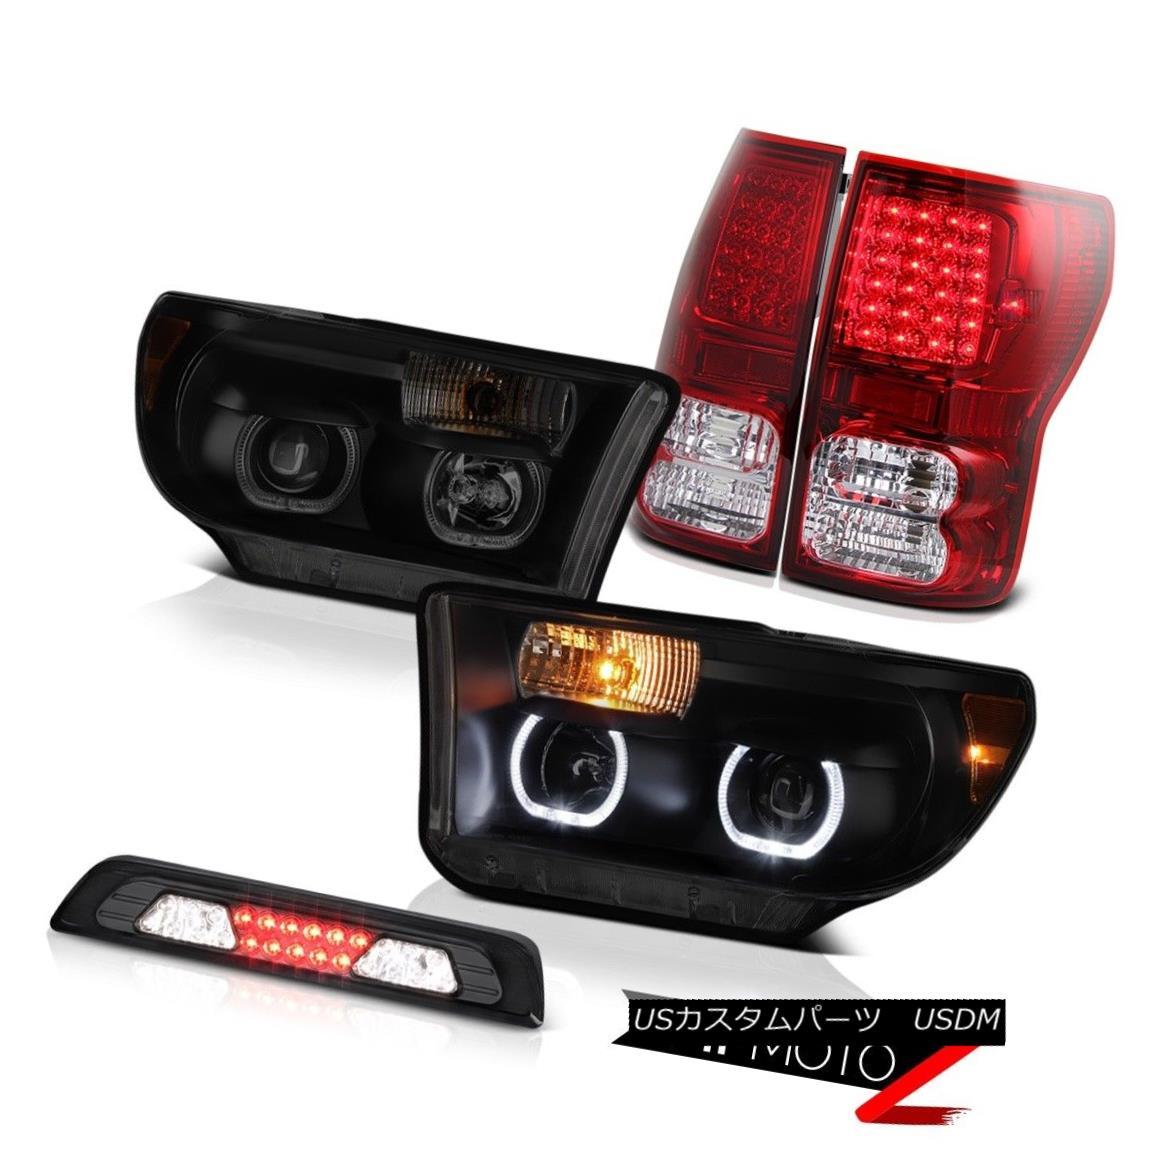 テールライト 07-13 Toyota Tundra Limited Headlamps Roof Brake Light Taillamps